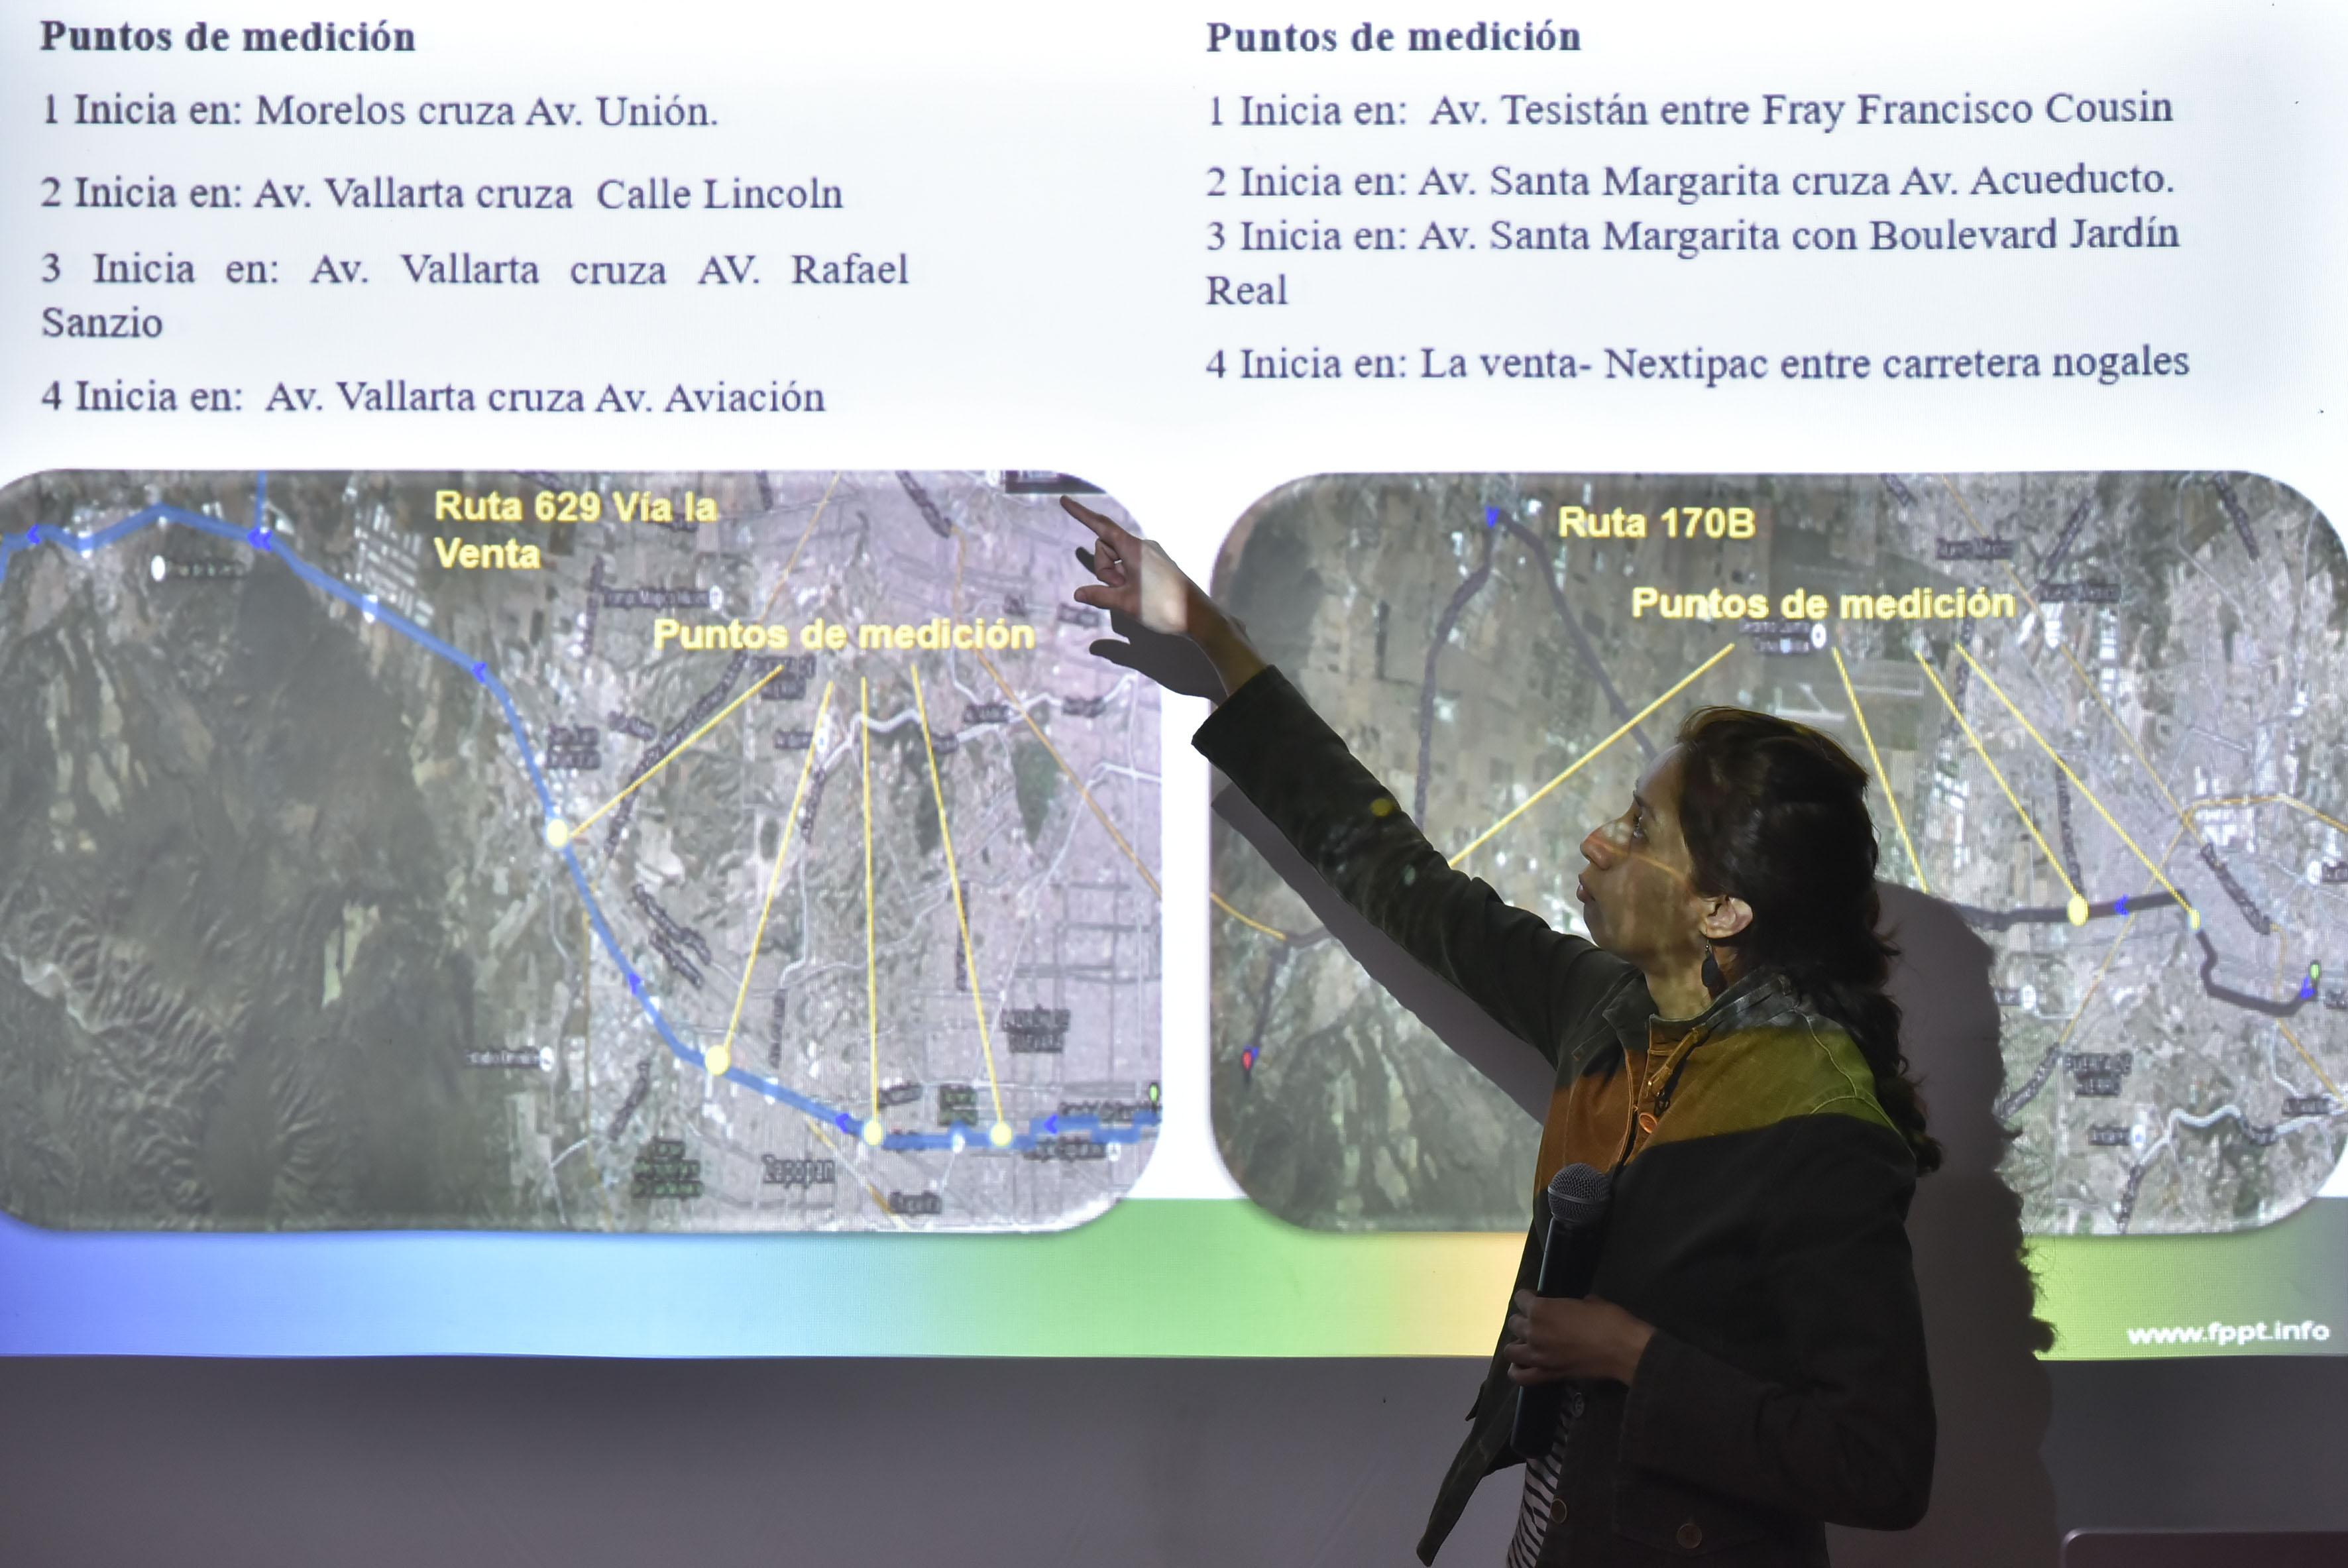 Perla Berenice Sánchez Torres, estudiante de la maestría en Ciencias de la Salud Ambiental del Centro Universitario de Ciencias Biológicas y Ambientales, señalando un mapa de rutas de camión y puntos de medición, durante su exposición